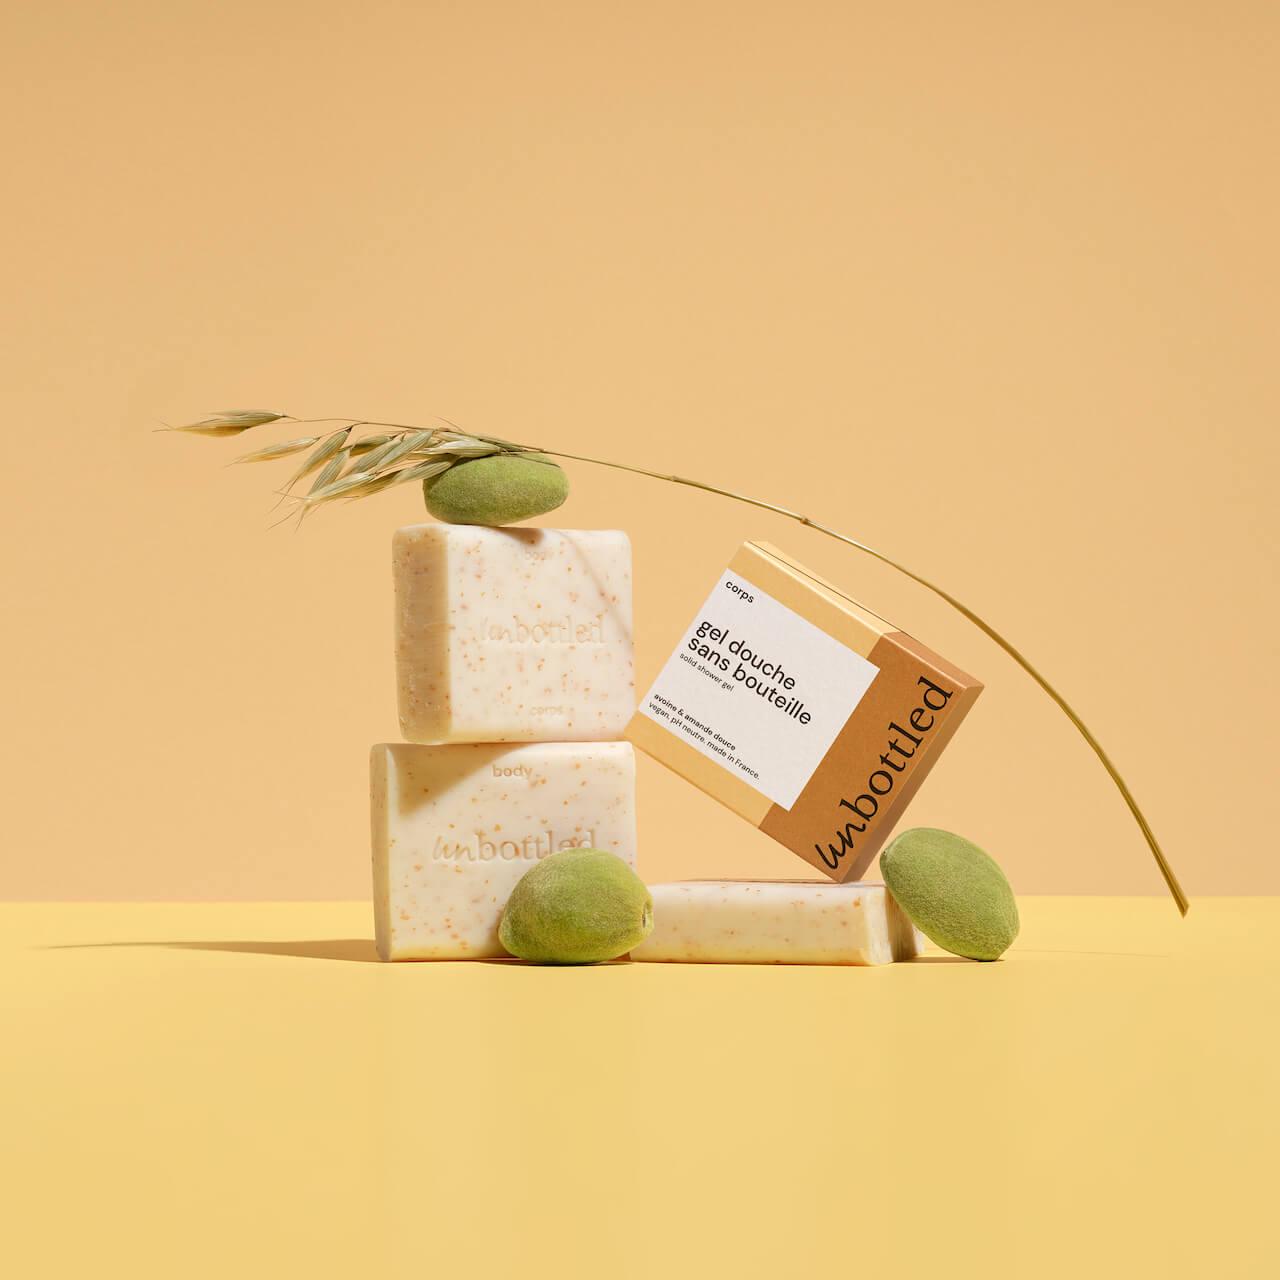 Produits cosmétiques biodégradables Unbottled